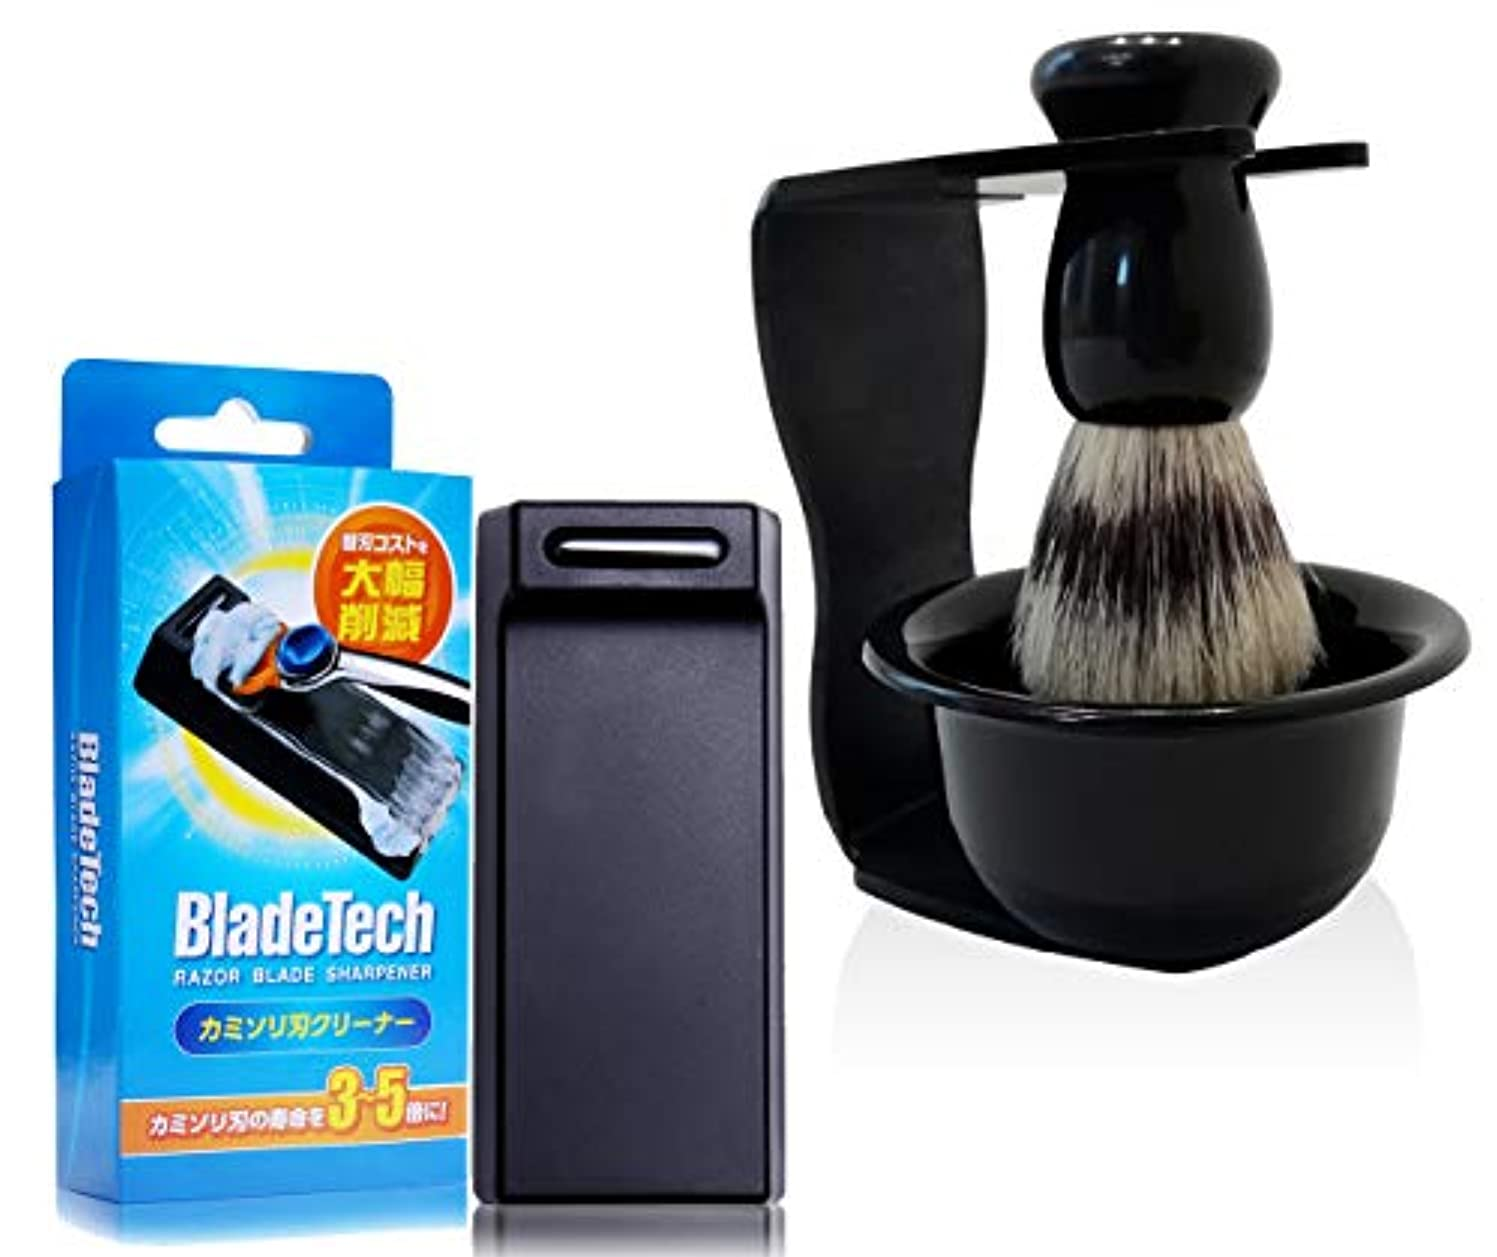 洞察力のある銛漏斗髭剃り シェービングツールセット (カミソリ刃クリーナー、 シェービングブラシ、 シェービングカップ?スタンド)